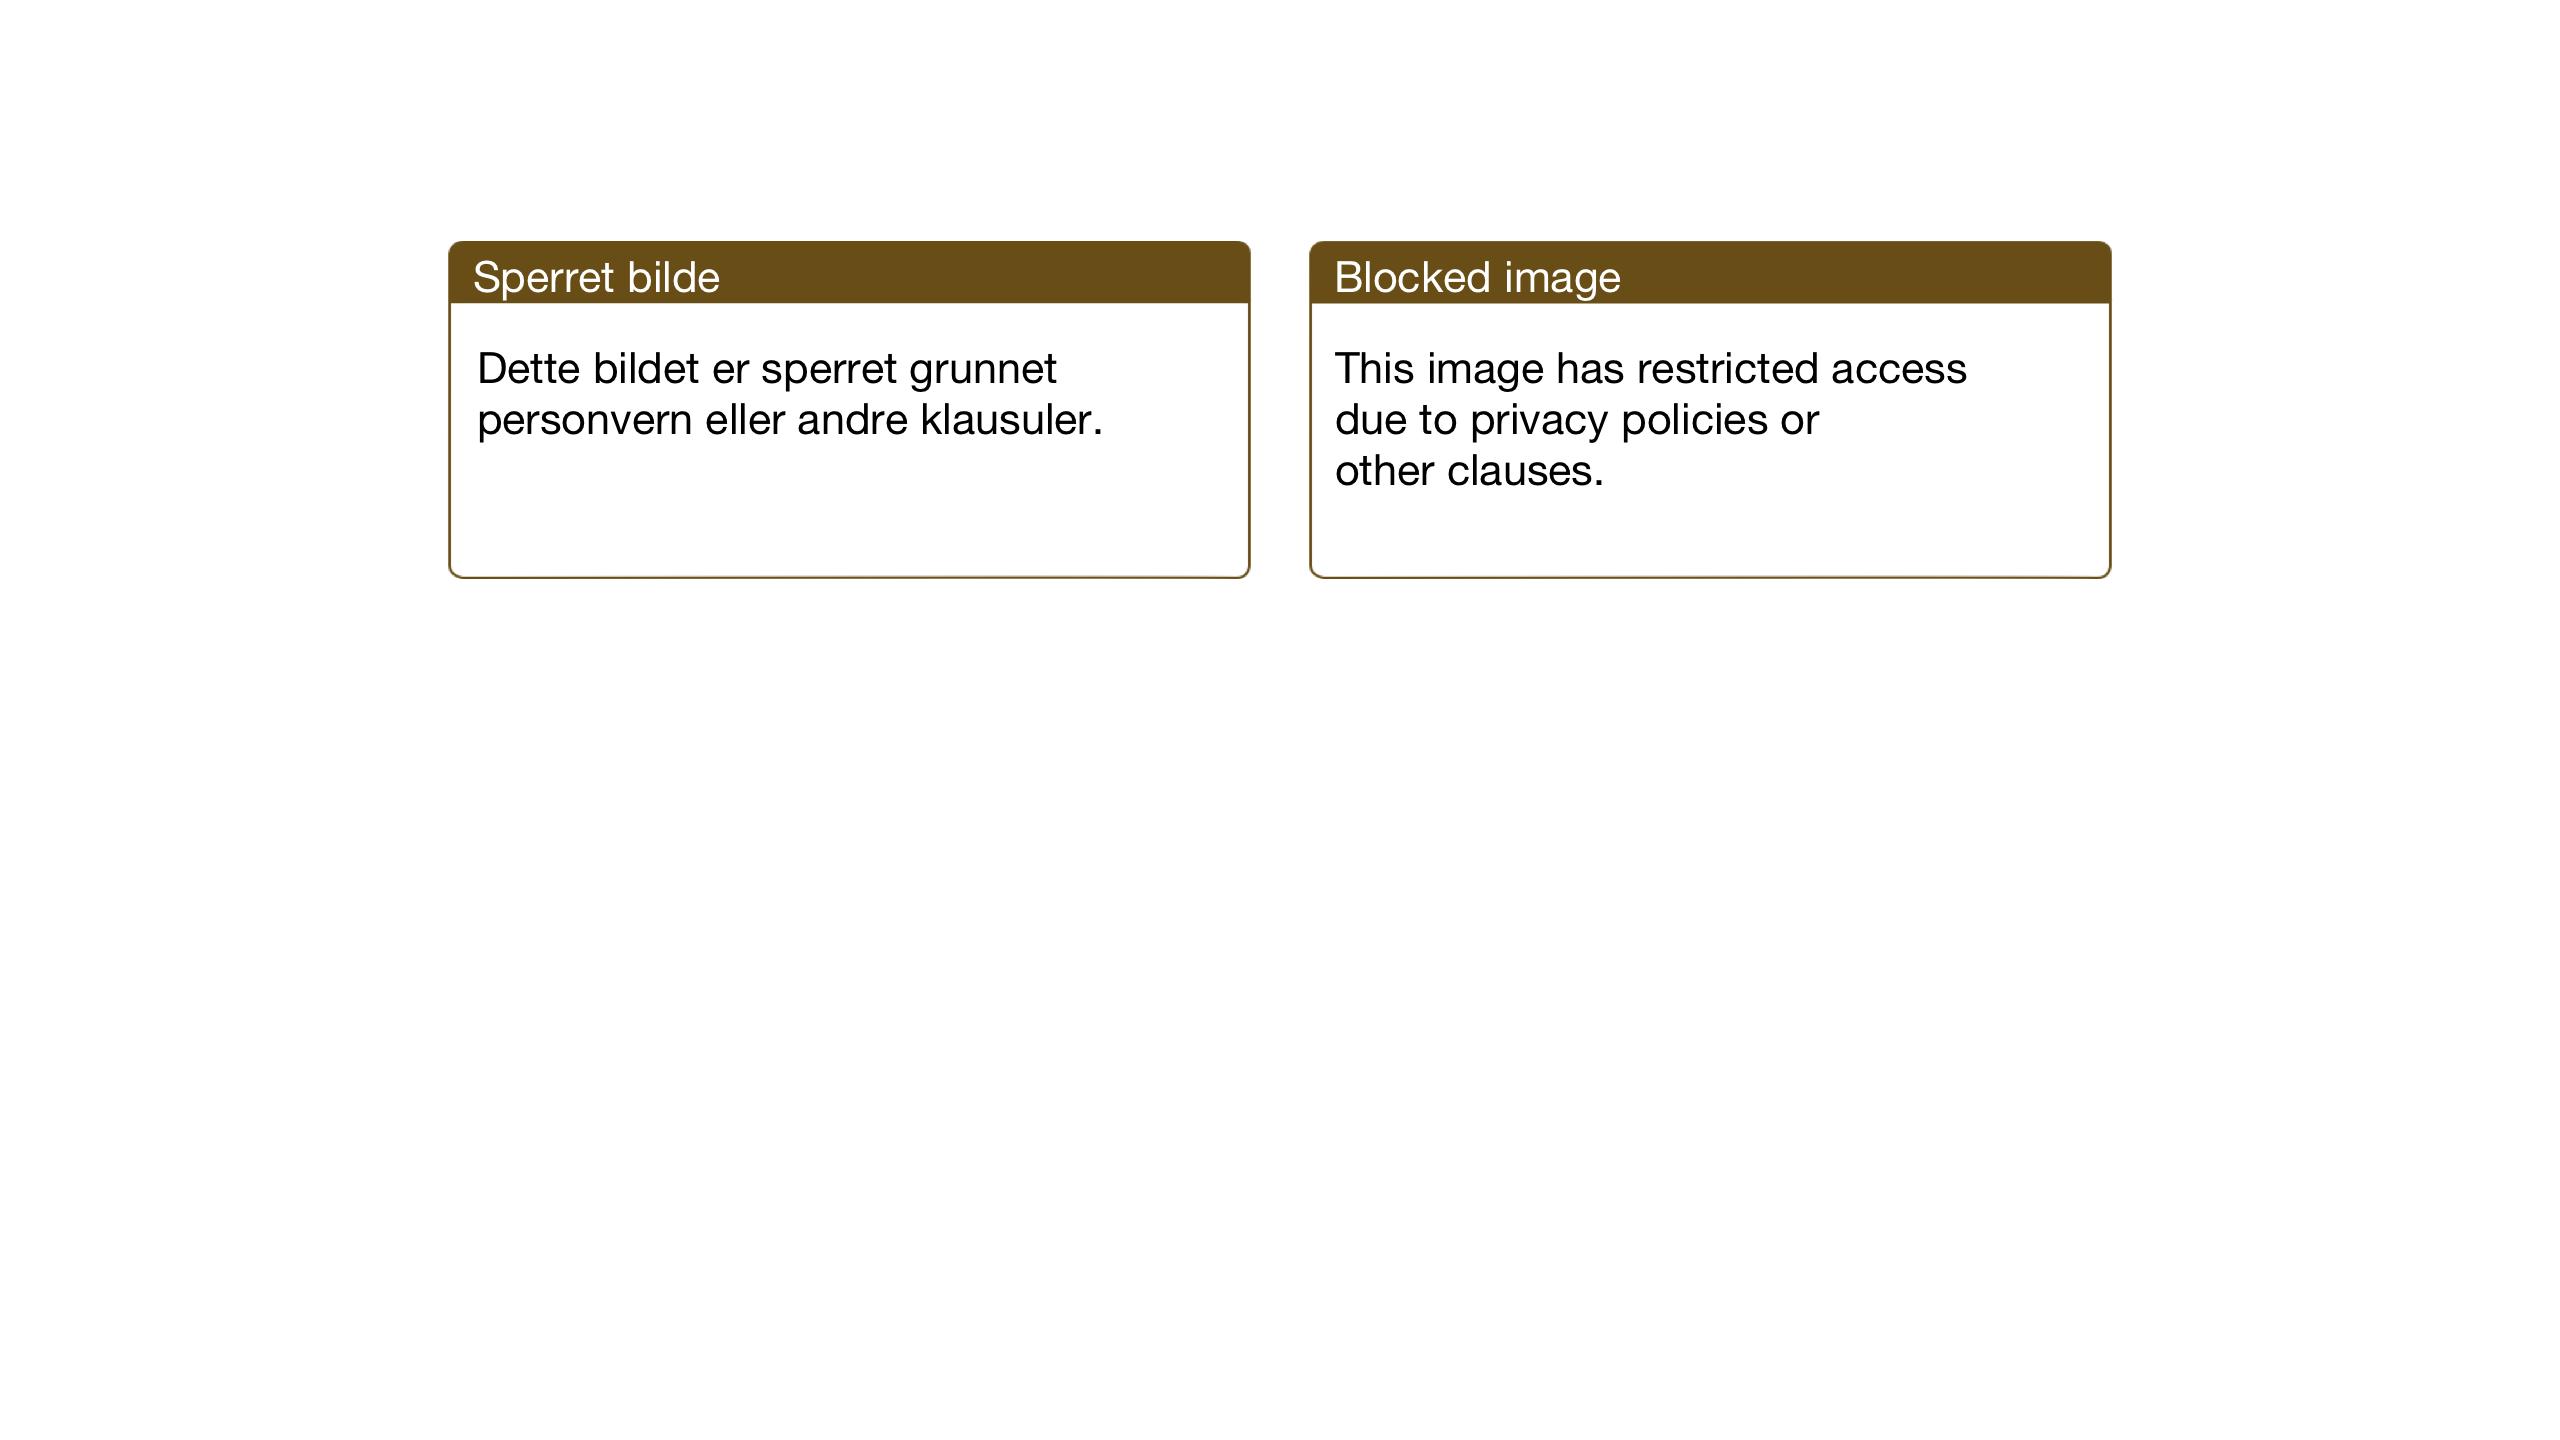 SAT, Ministerialprotokoller, klokkerbøker og fødselsregistre - Sør-Trøndelag, 656/L0694: Ministerialbok nr. 656A03, 1914-1931, s. 60